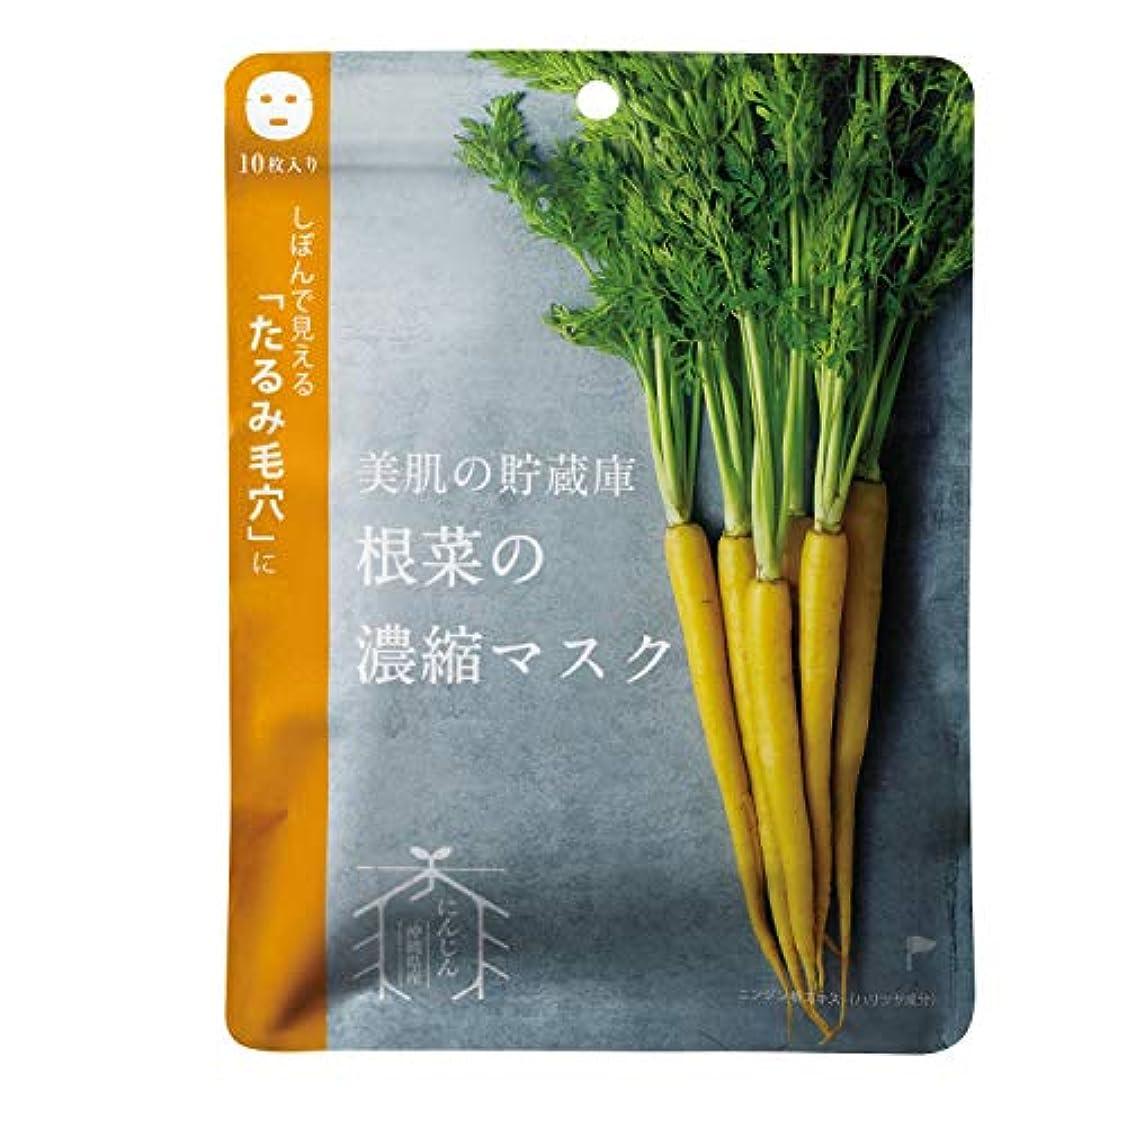 イブニング連隊官僚@cosme nippon 美肌の貯蔵庫 根菜の濃縮マスク 島にんじん 10枚 160ml